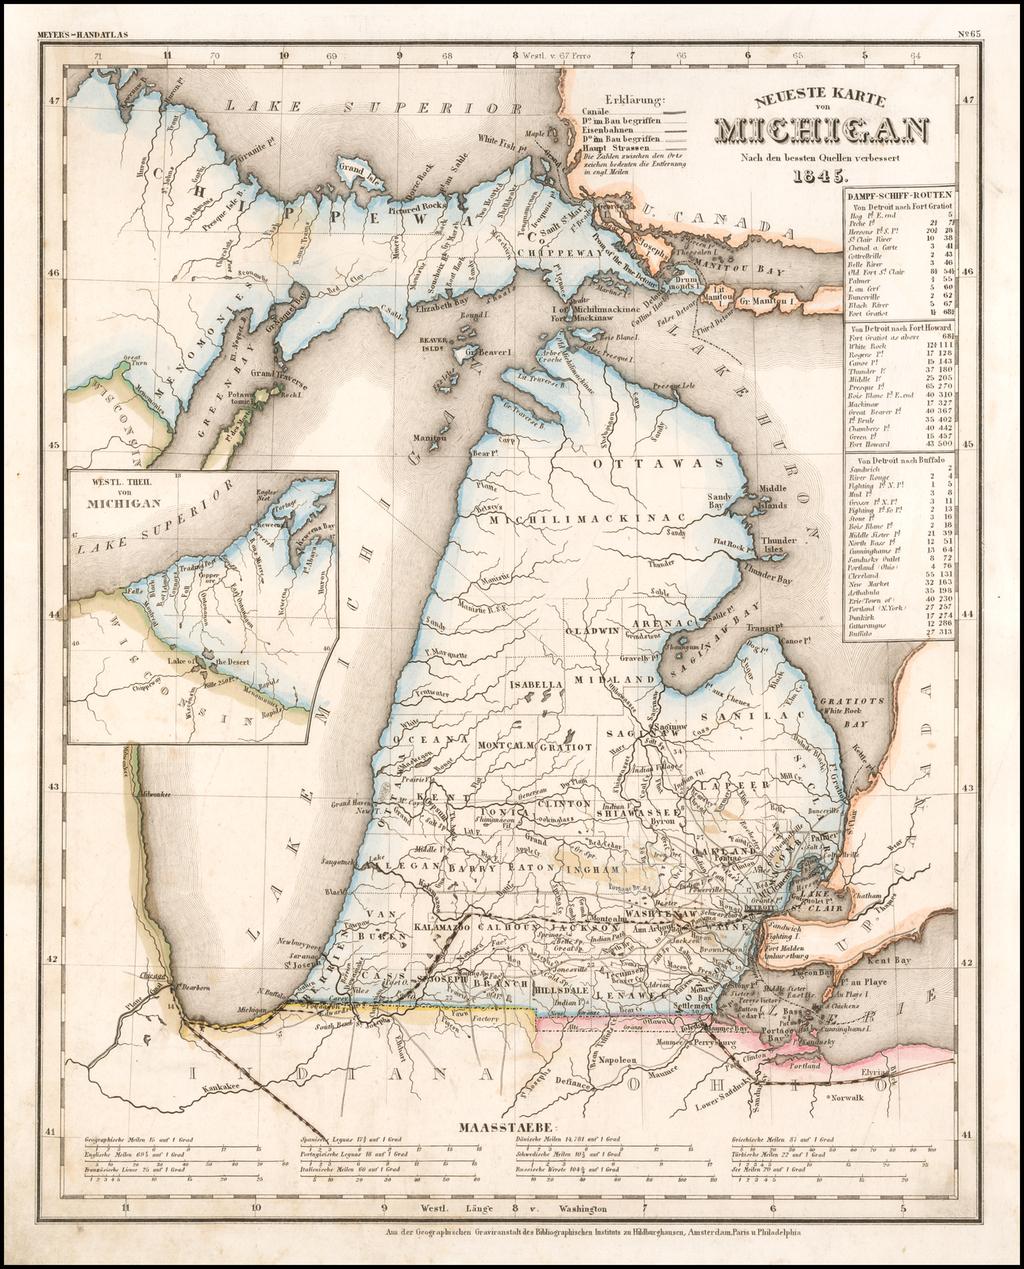 Neueste Karte von Michigan Nach den bessten Quellen verbessert 1845. By Joseph Meyer